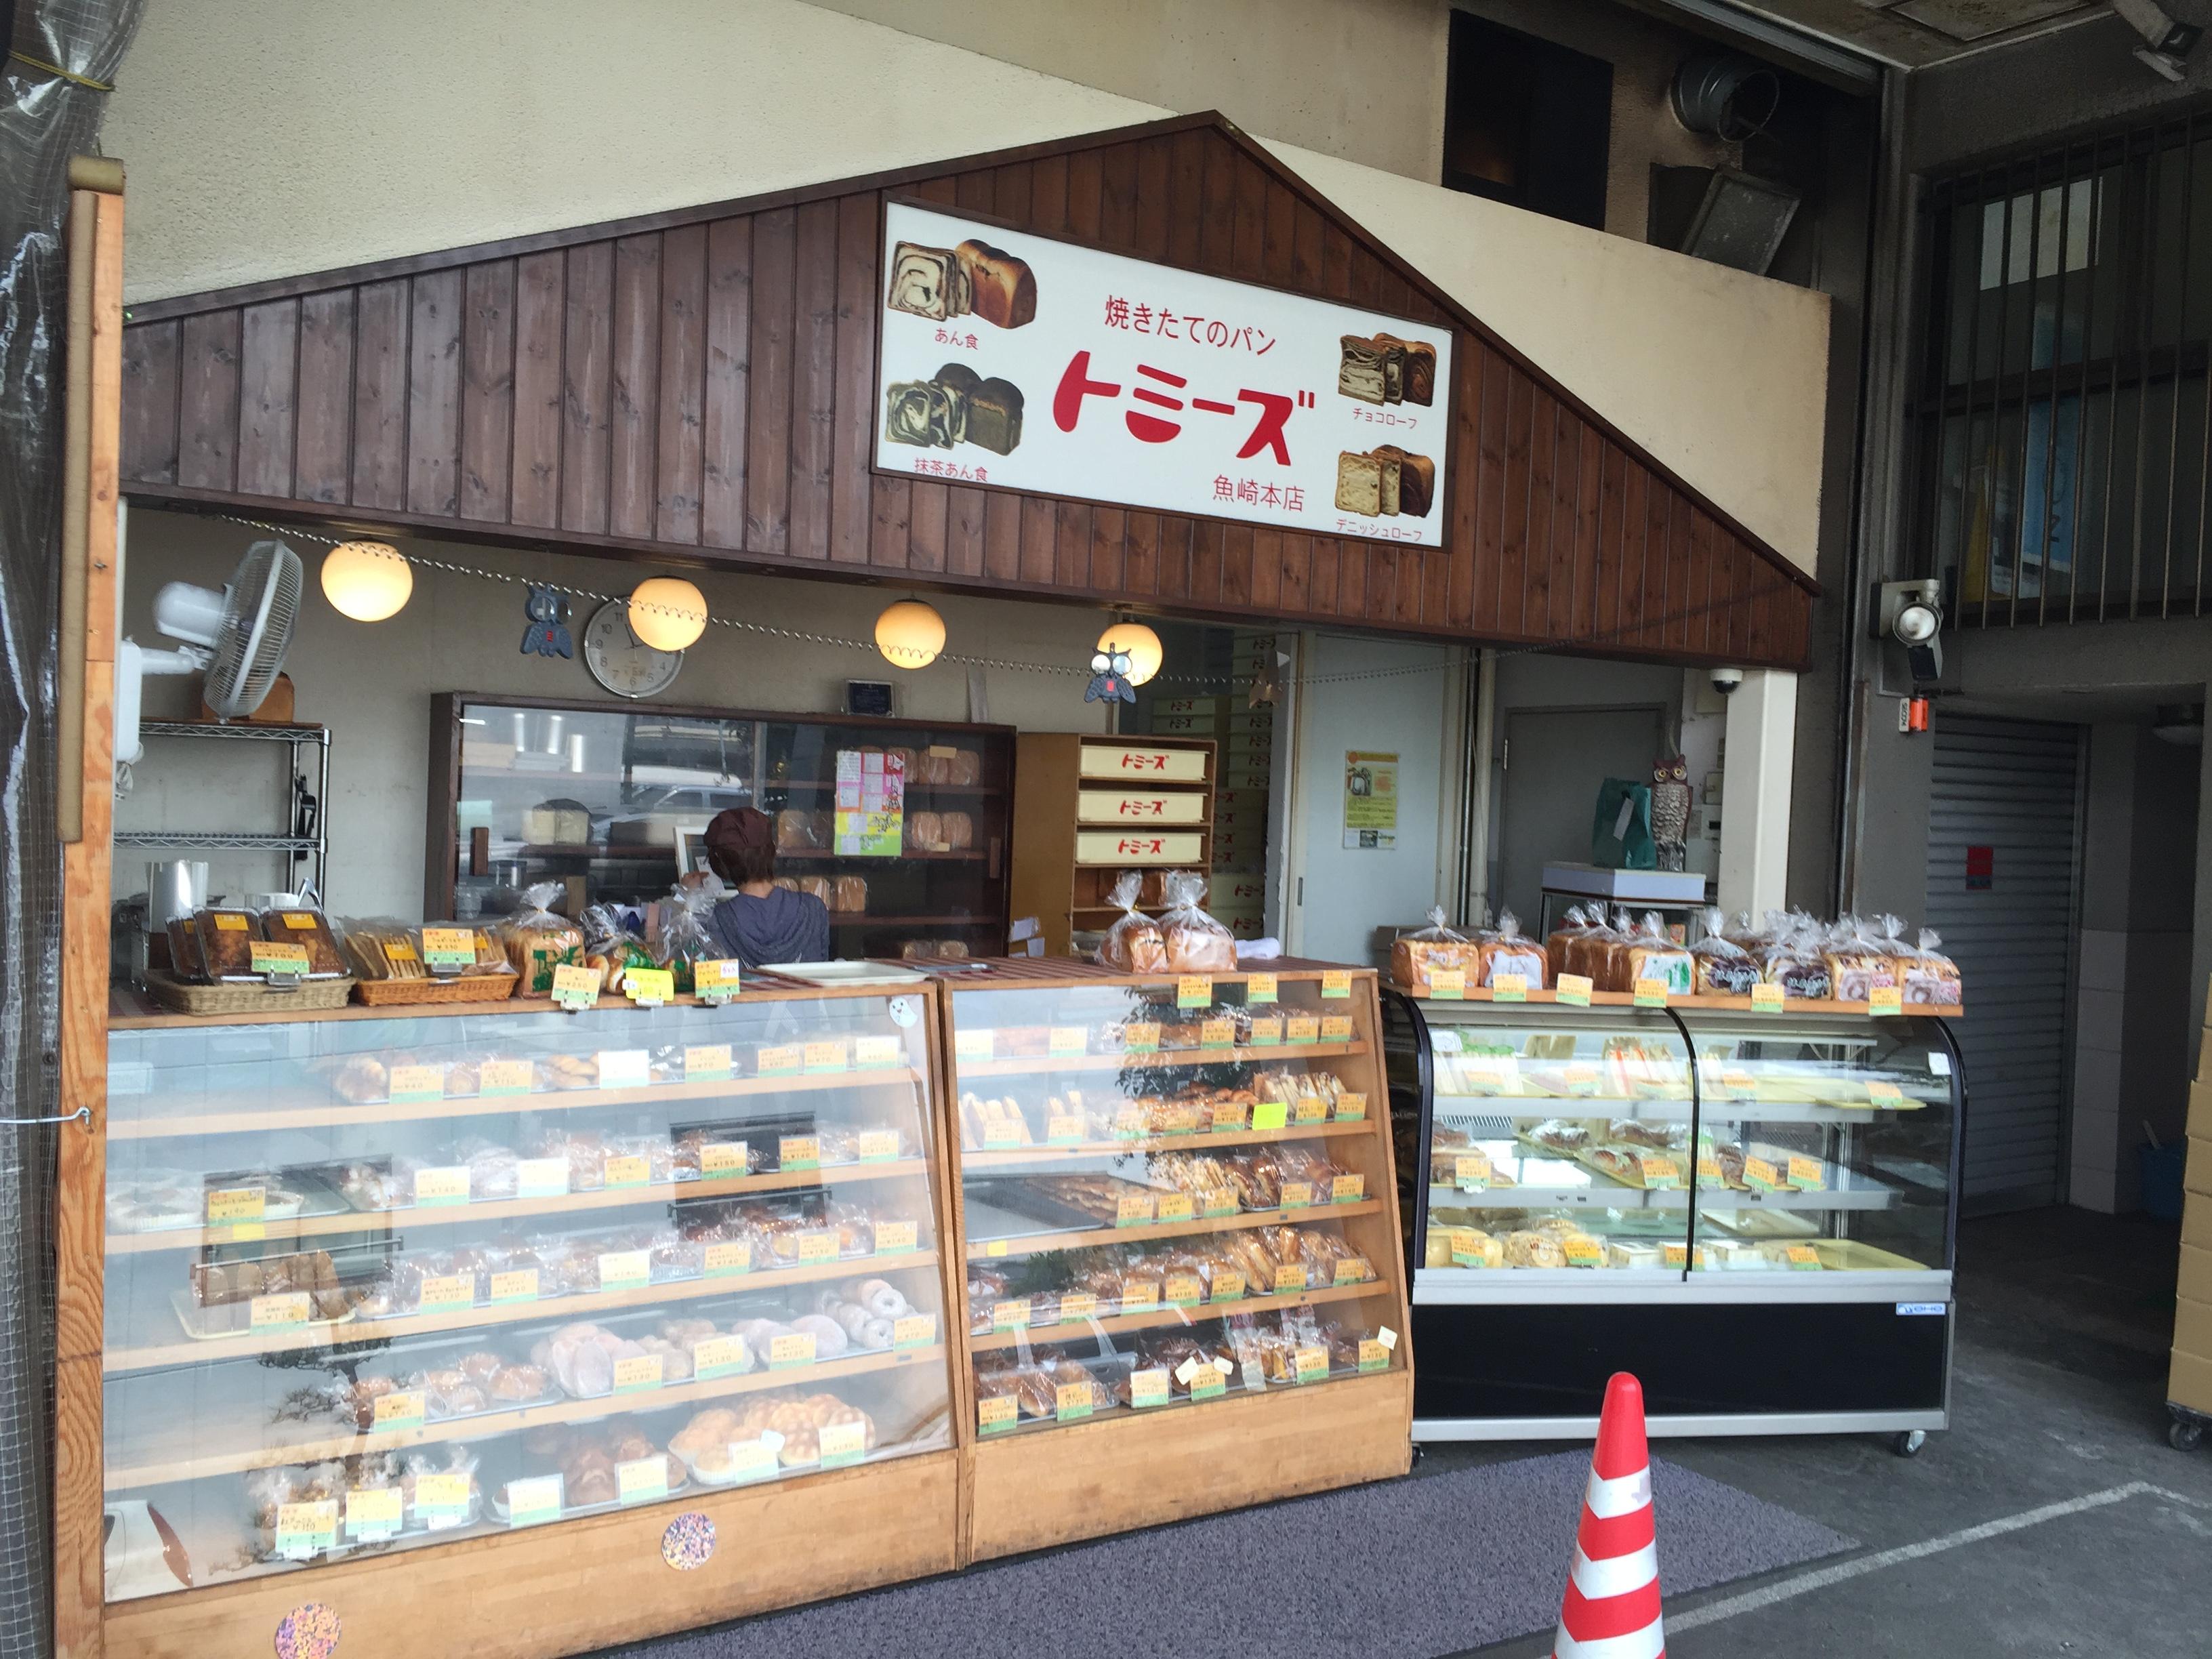 神戸・魚崎南にある「あん食」で有名な「トミーズ本店」をご紹介するよ! #トミーズ #あん食 #秘密のケンミンショー